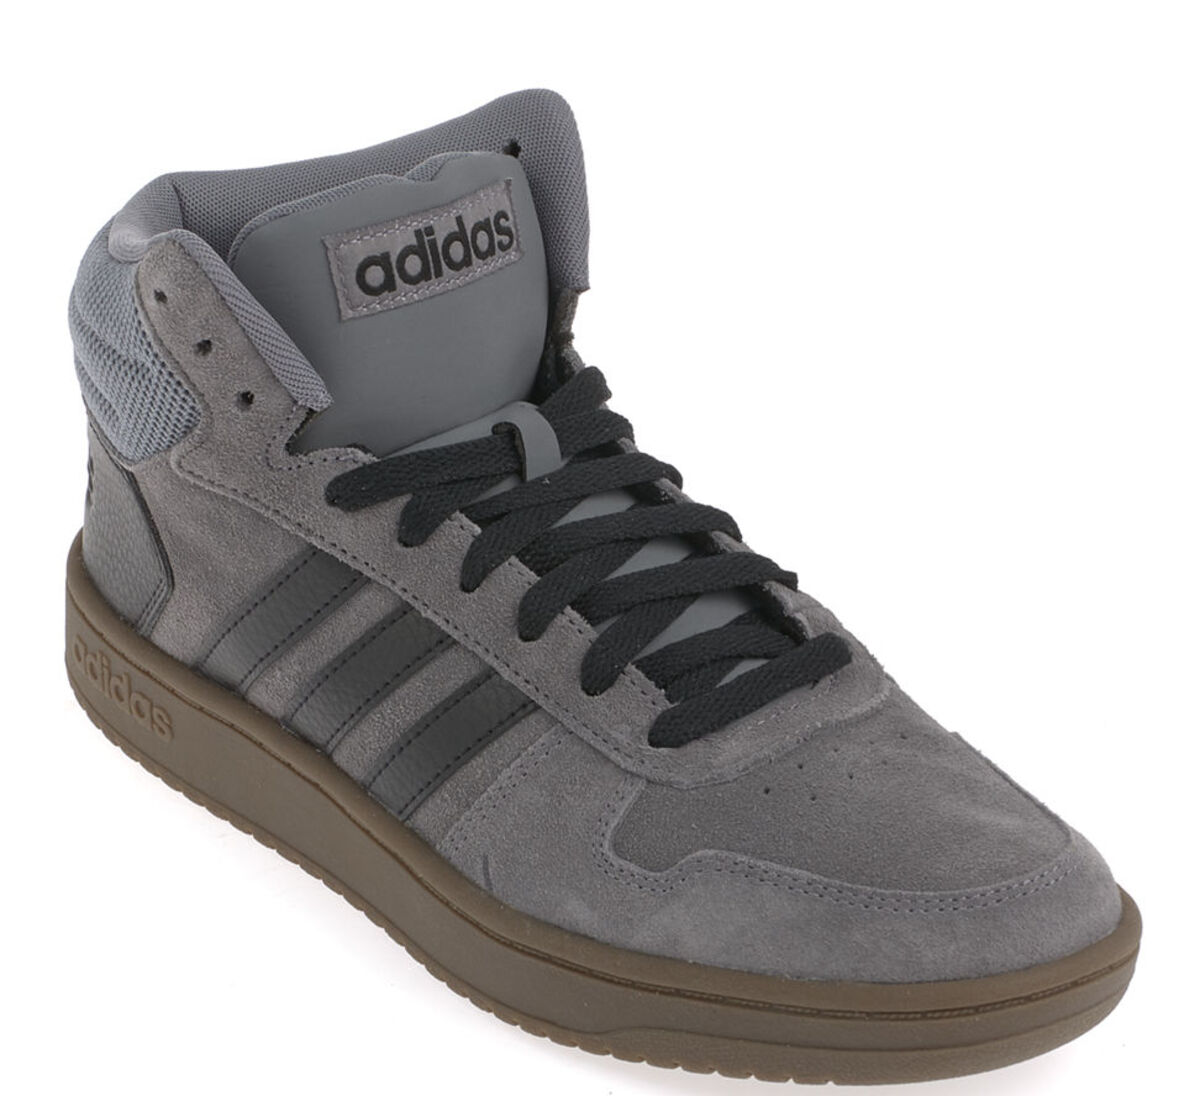 Bild 1 von Adidas Sneaker - HOOPS 2.0 MID